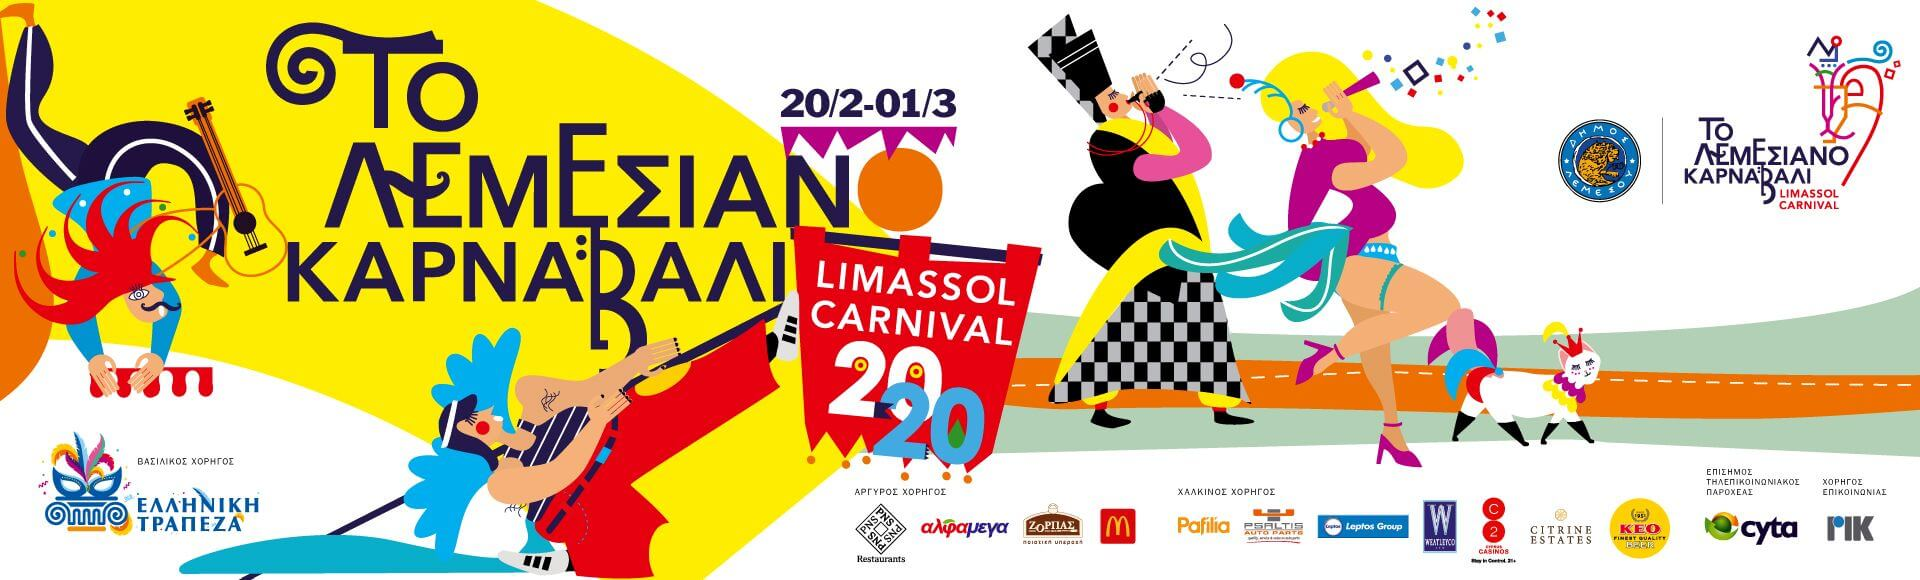 Карнавал 2020 в Лимассоле Кипр 17 февраля - 1 марта